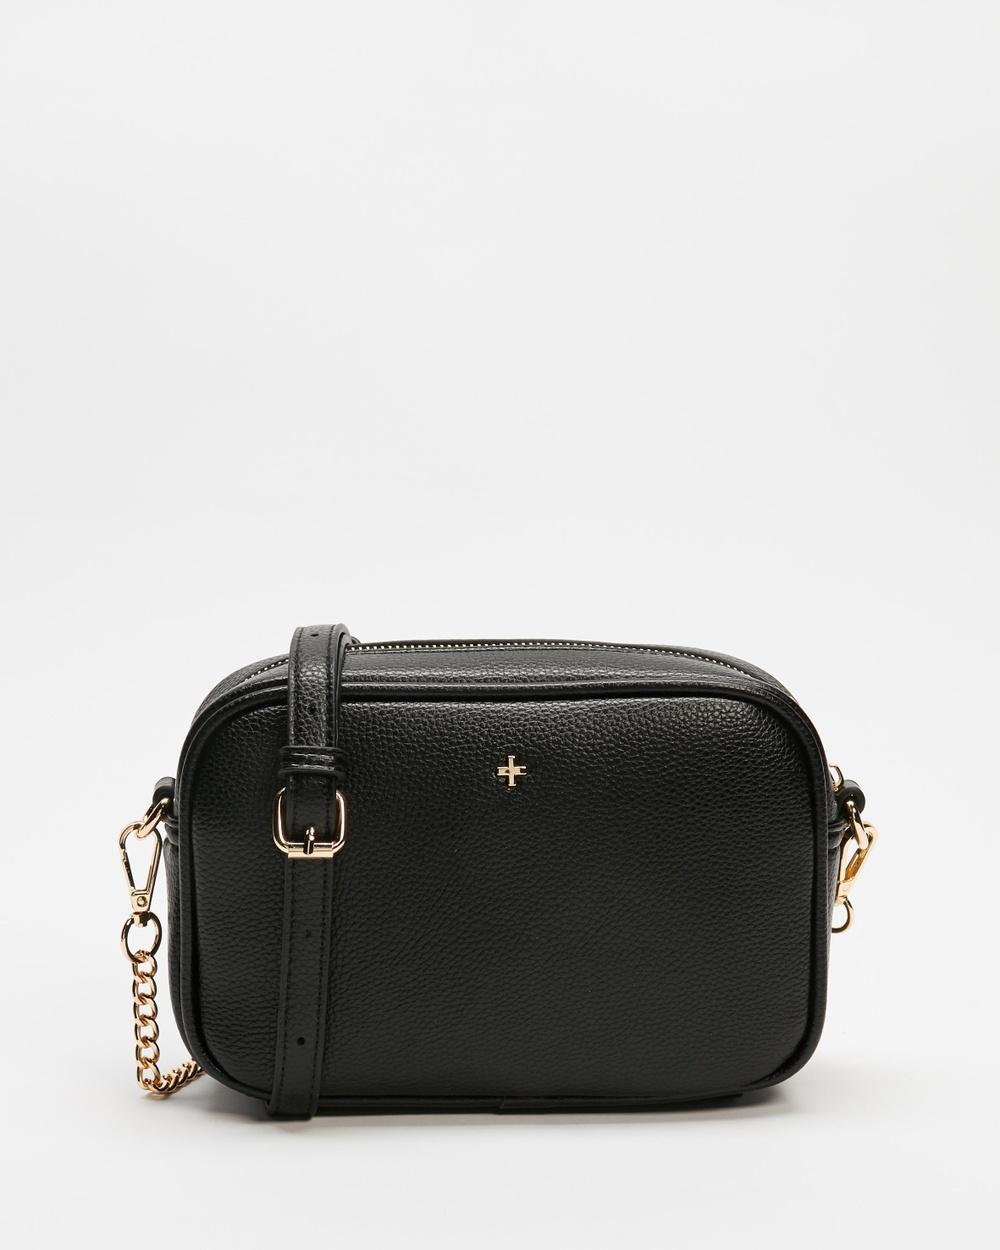 PETA AND JAIN Golden Handbags Black & Gold